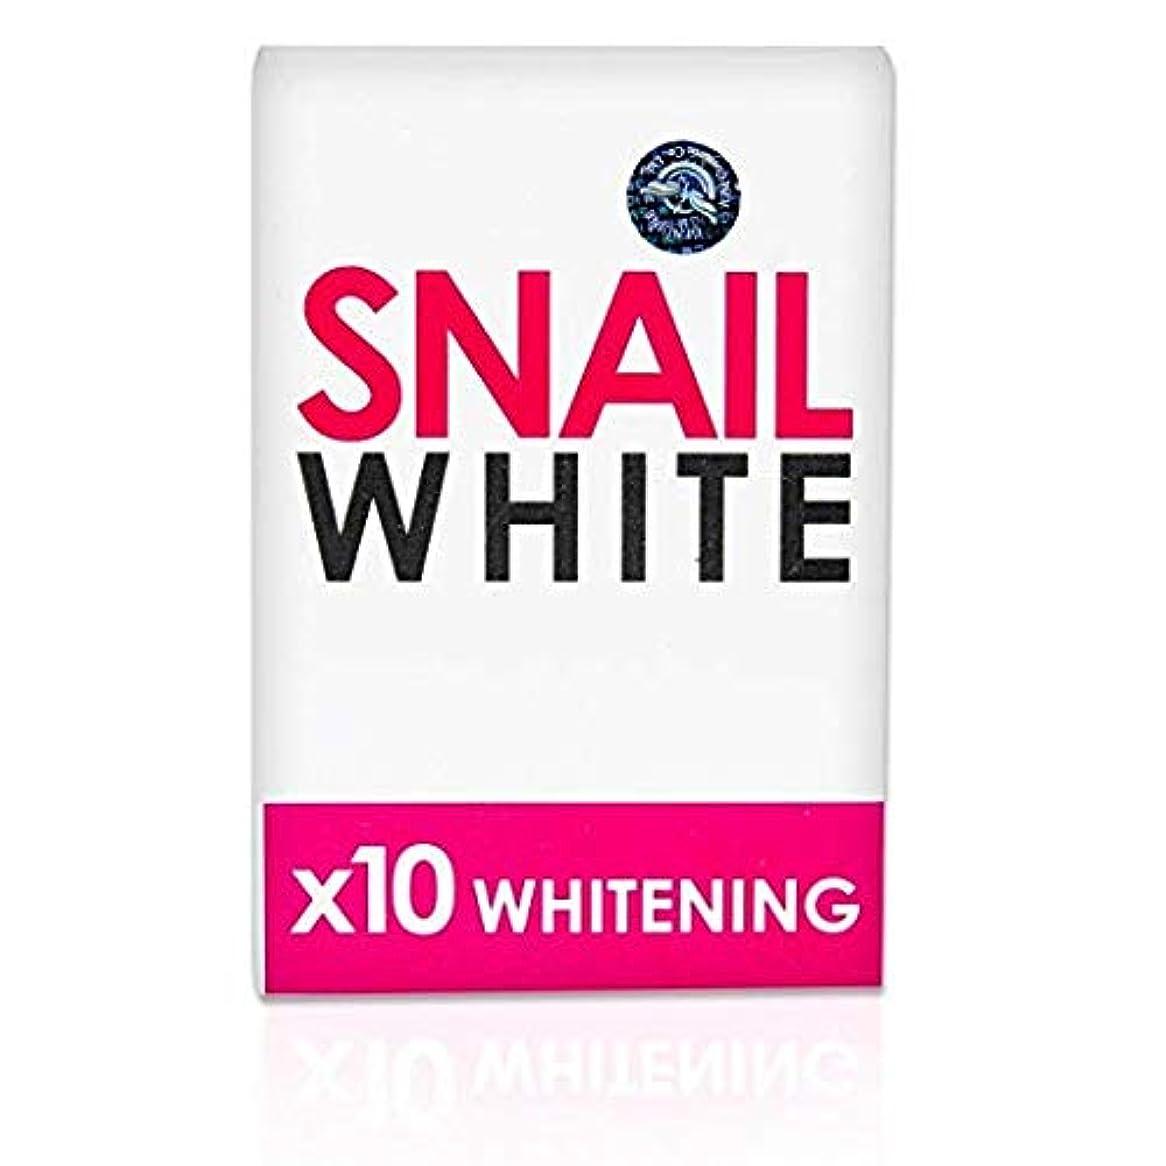 彫刻相談延ばすスネイルホワイト Gluta Snail White x10 Whitening by Dream ホワイトニング 固形石鹸 2個